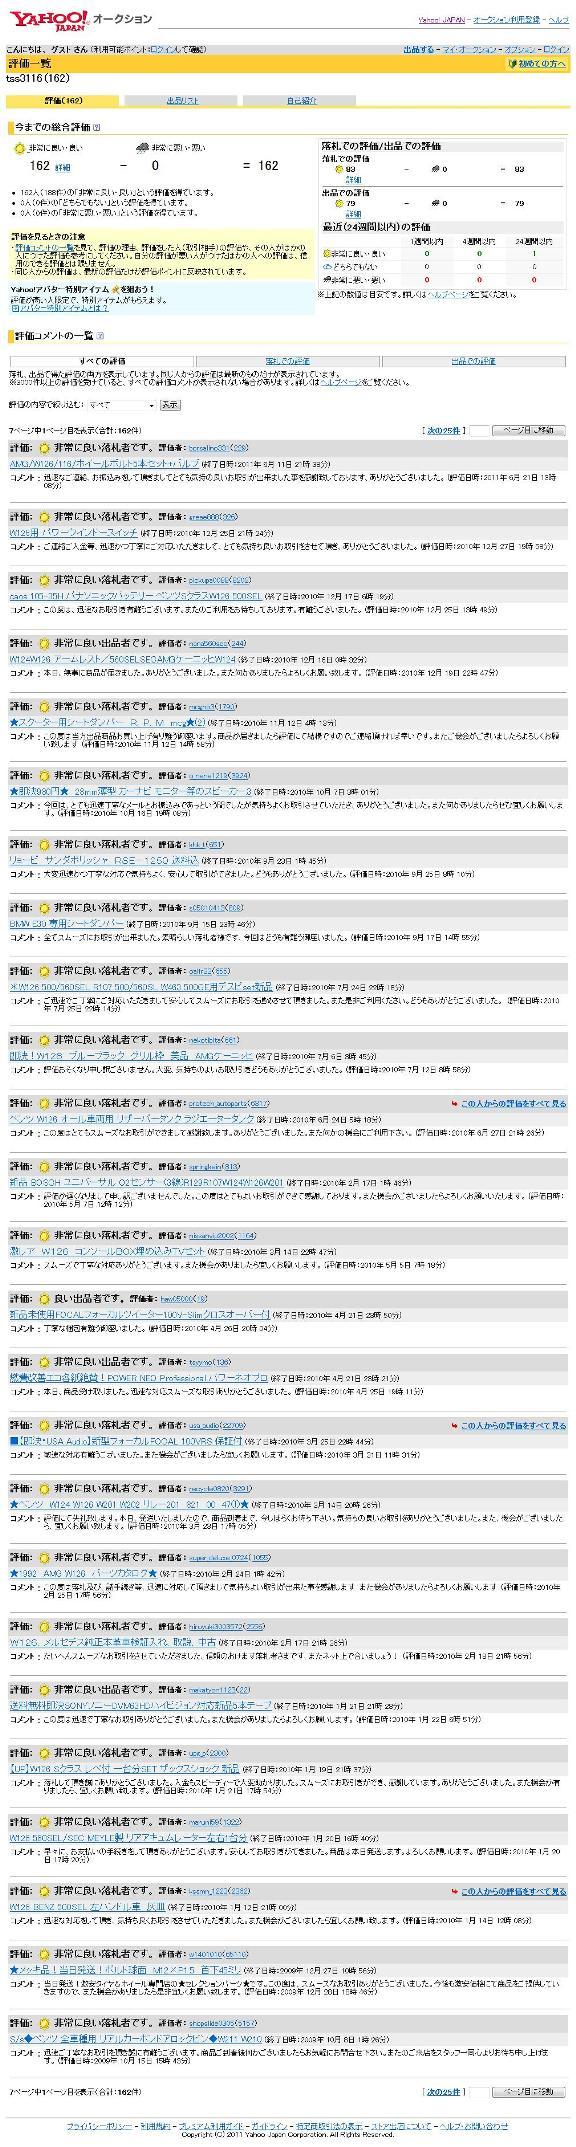 【ニュース】フジテレビ社員、井上博昭さん 懸賞品を横領し、ヤフオクで転売か?